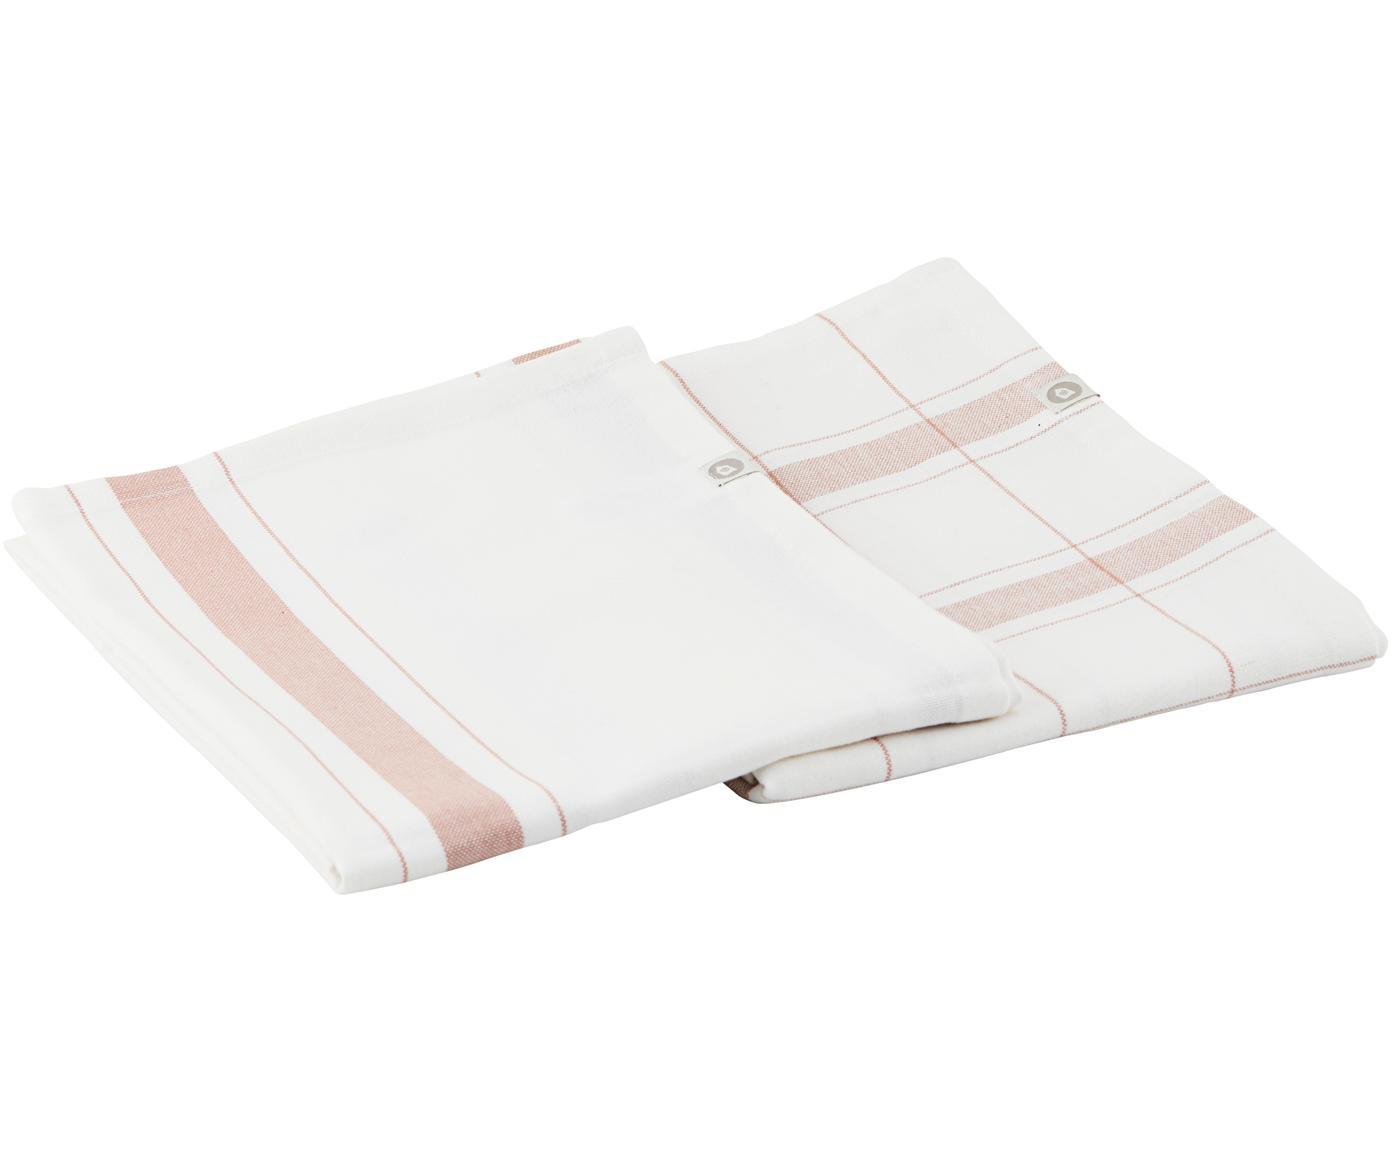 Ręcznik kuchenny Halida, 2 szt., 100% bawełna, Biały, nugatowy brązowy, S 55 x D 75 cm